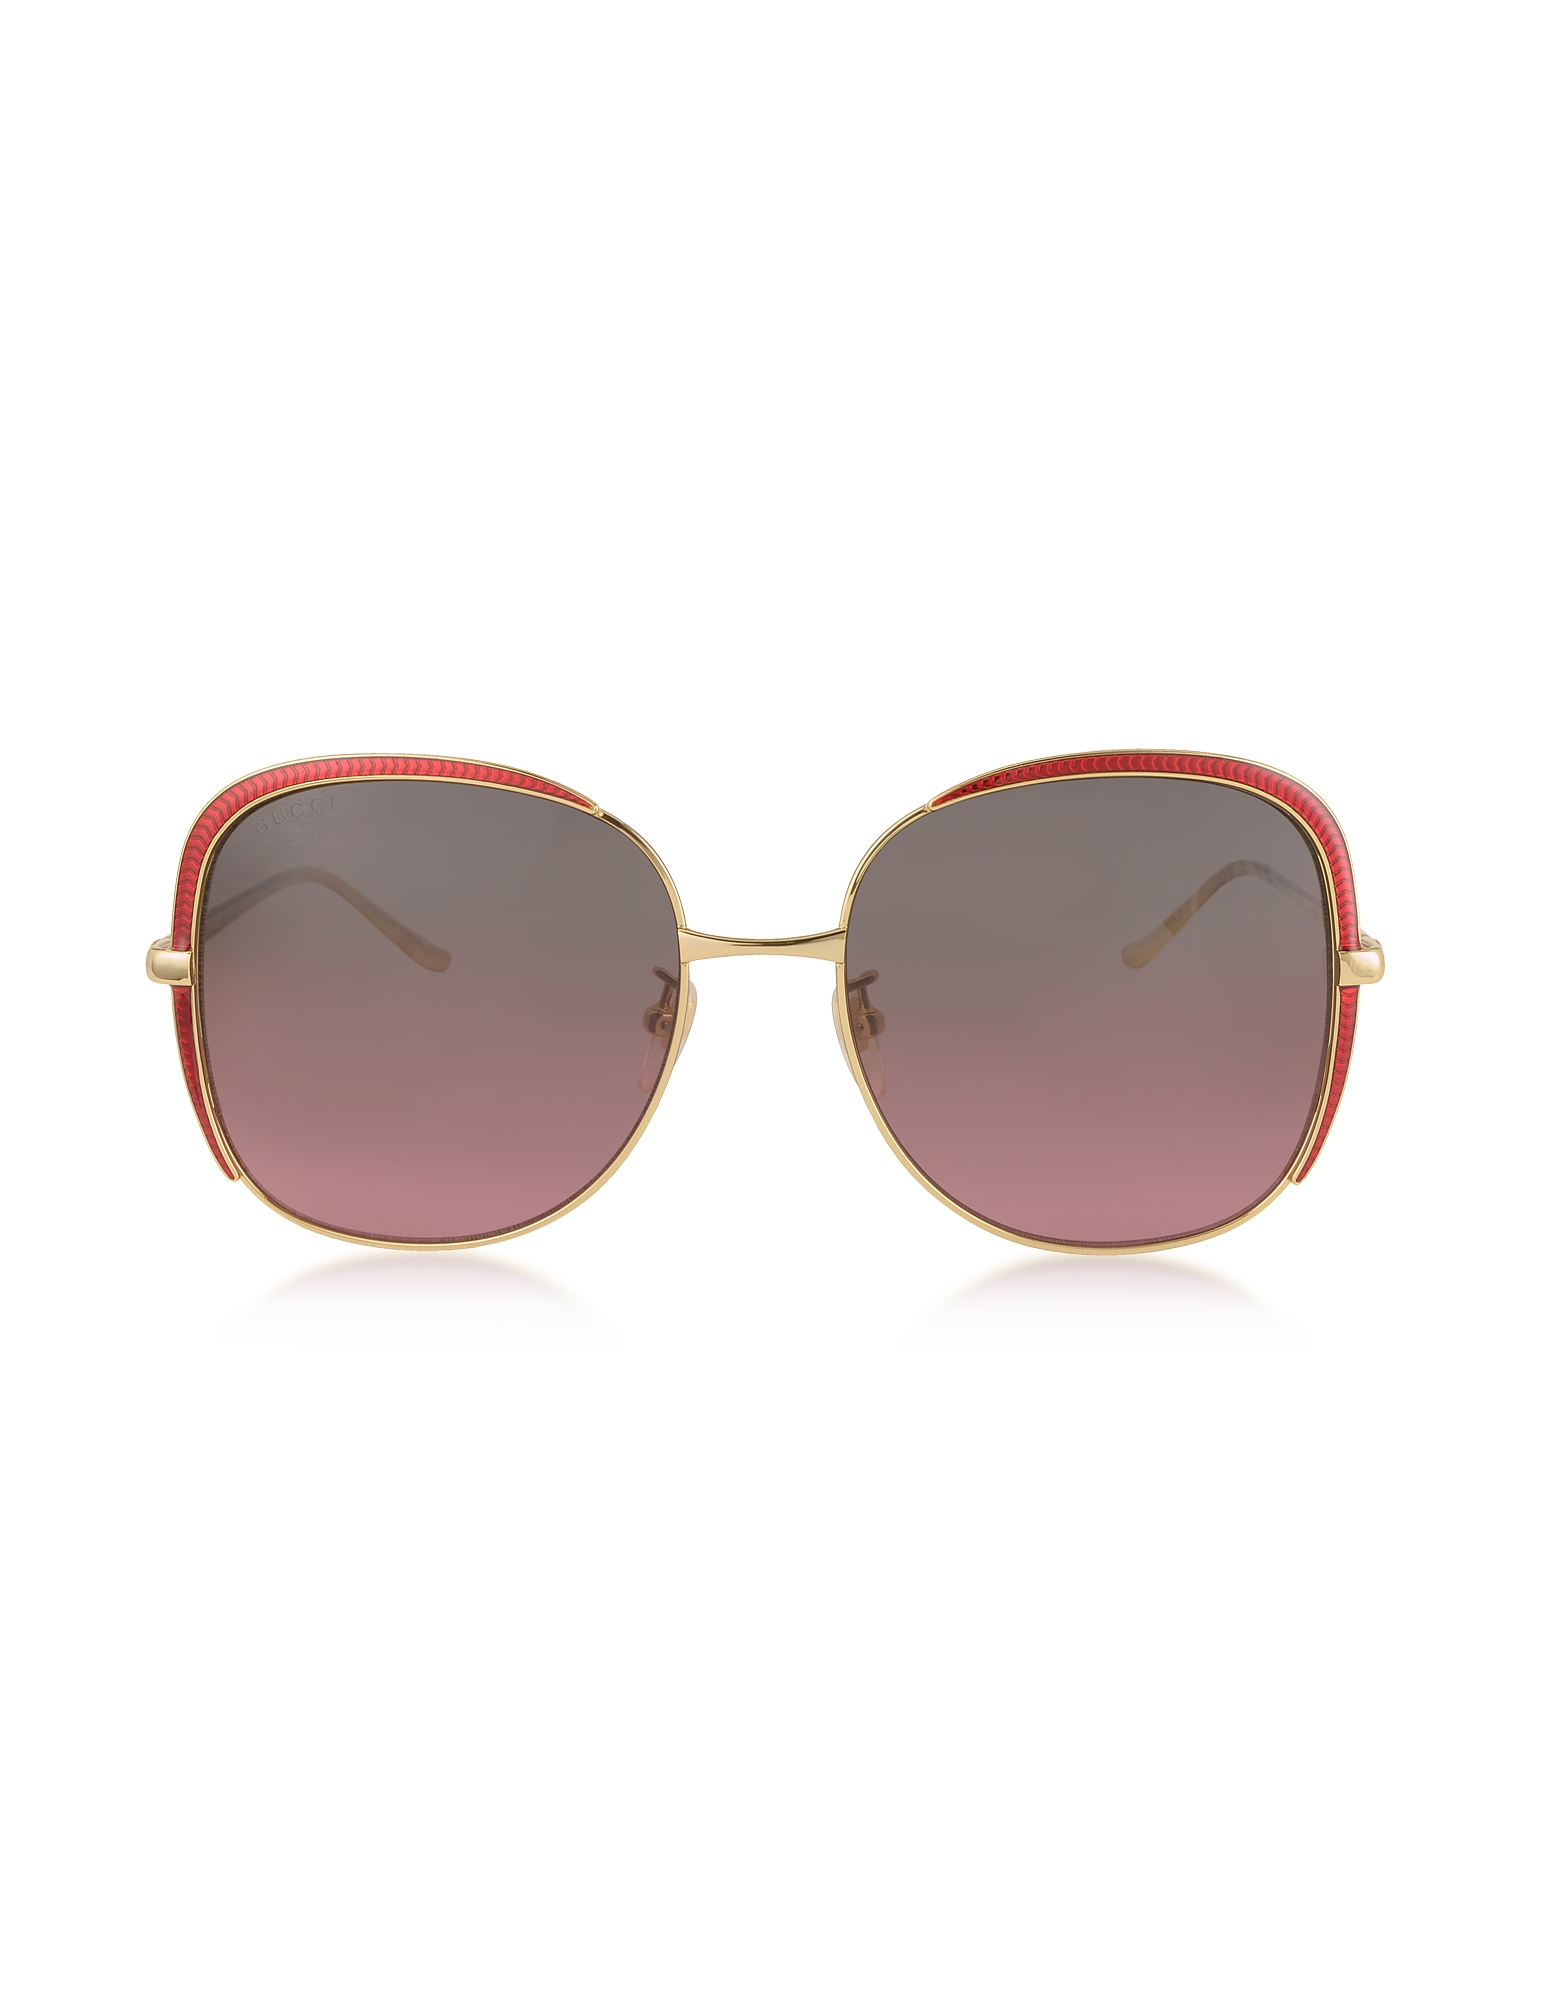 Gucci 古奇 太阳眼镜, GG0400S金属框太阳镜